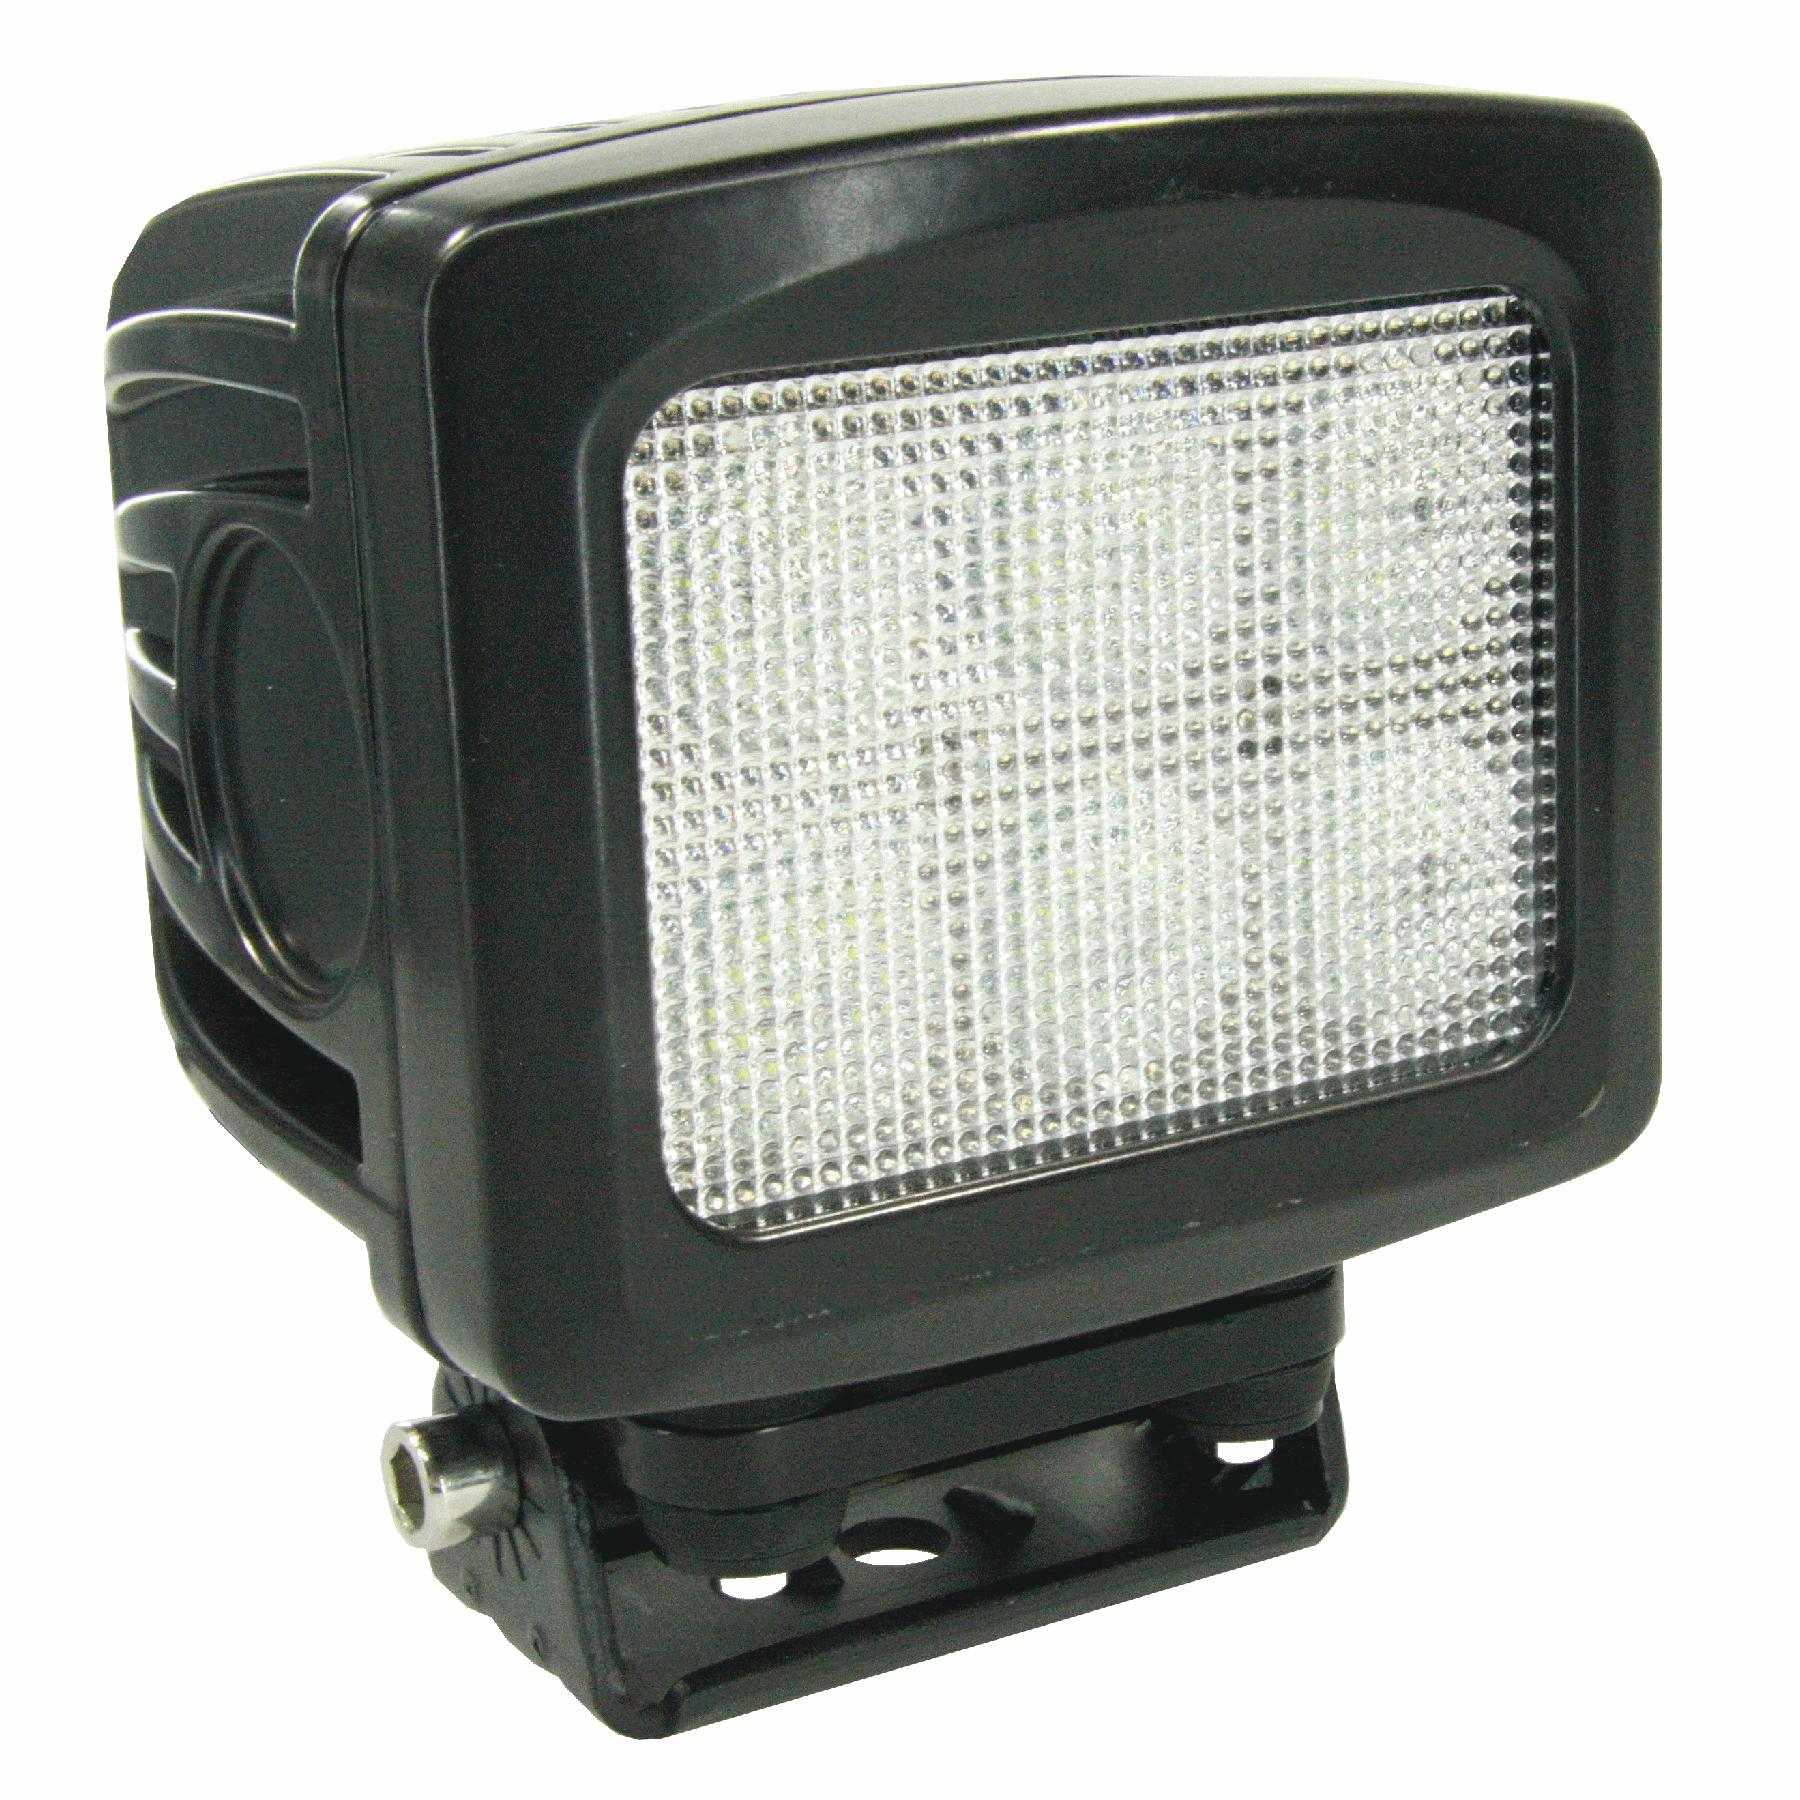 LED werklamp 60W 6x10W 6LEDS radio-ontstoord met 40cm. kabel